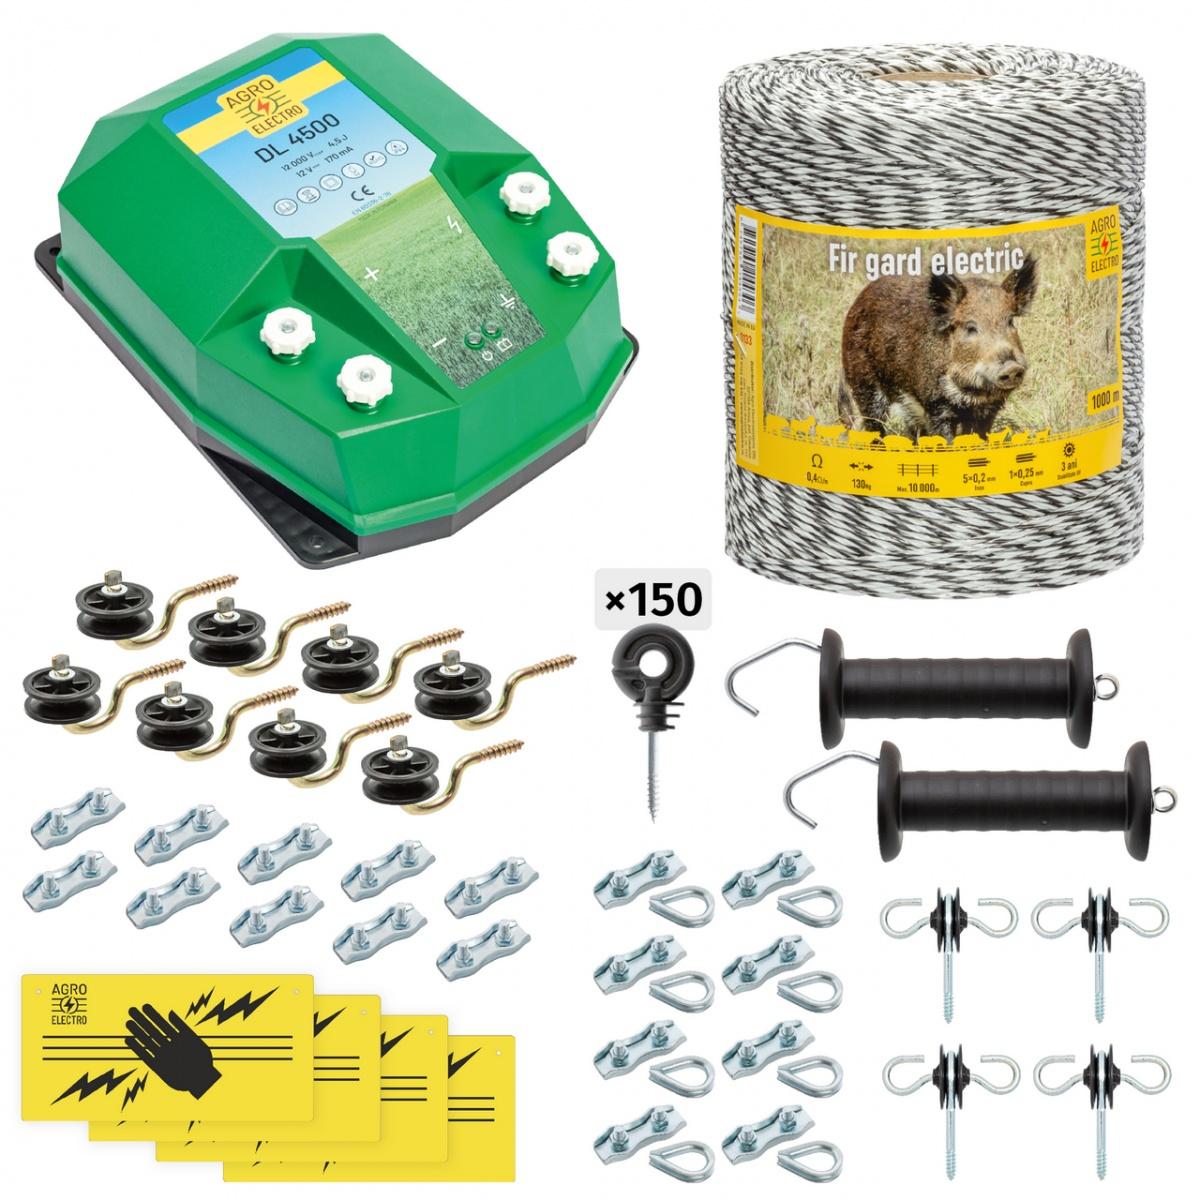 Teljes villanypásztor csomag vadállatoknak, 1000m, 4,5Joule